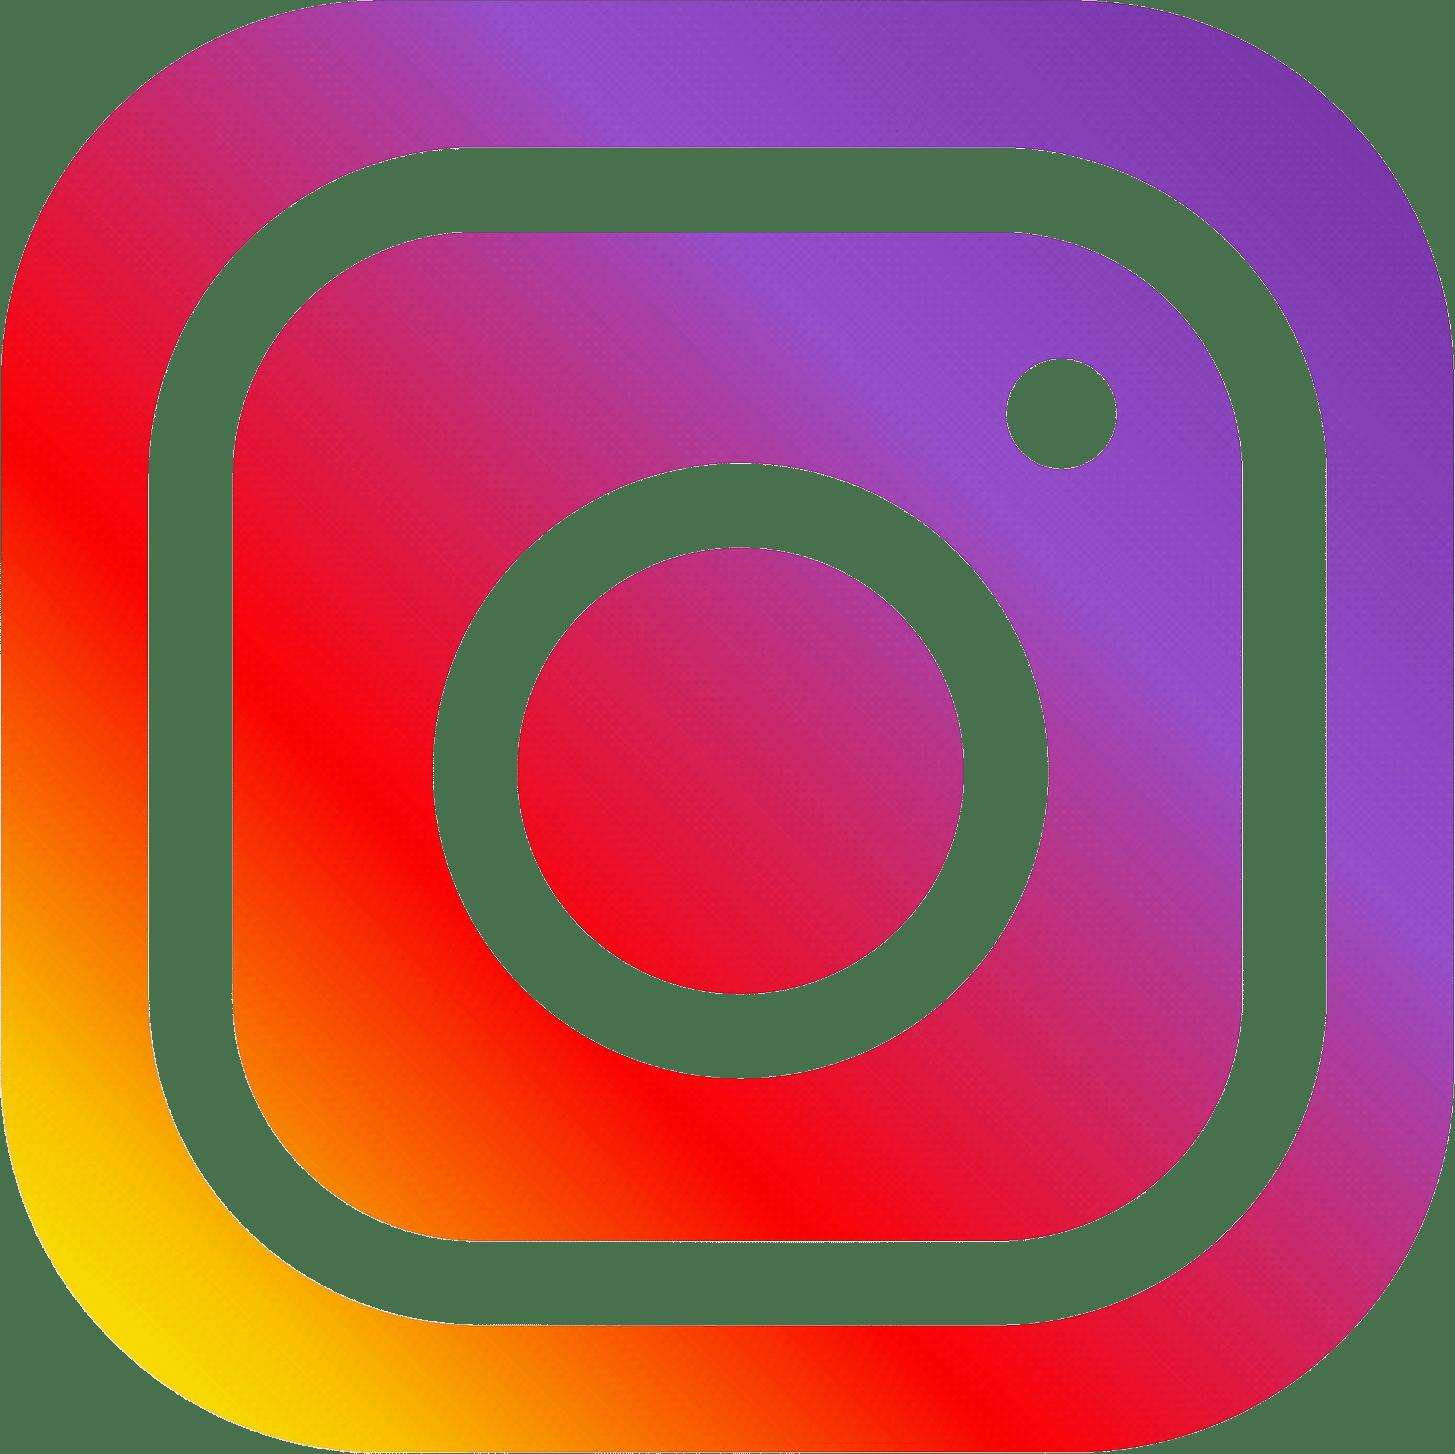 Иконка Instagram | Планировщик жизни, Оформление стен в спальне, Шаблоны печати